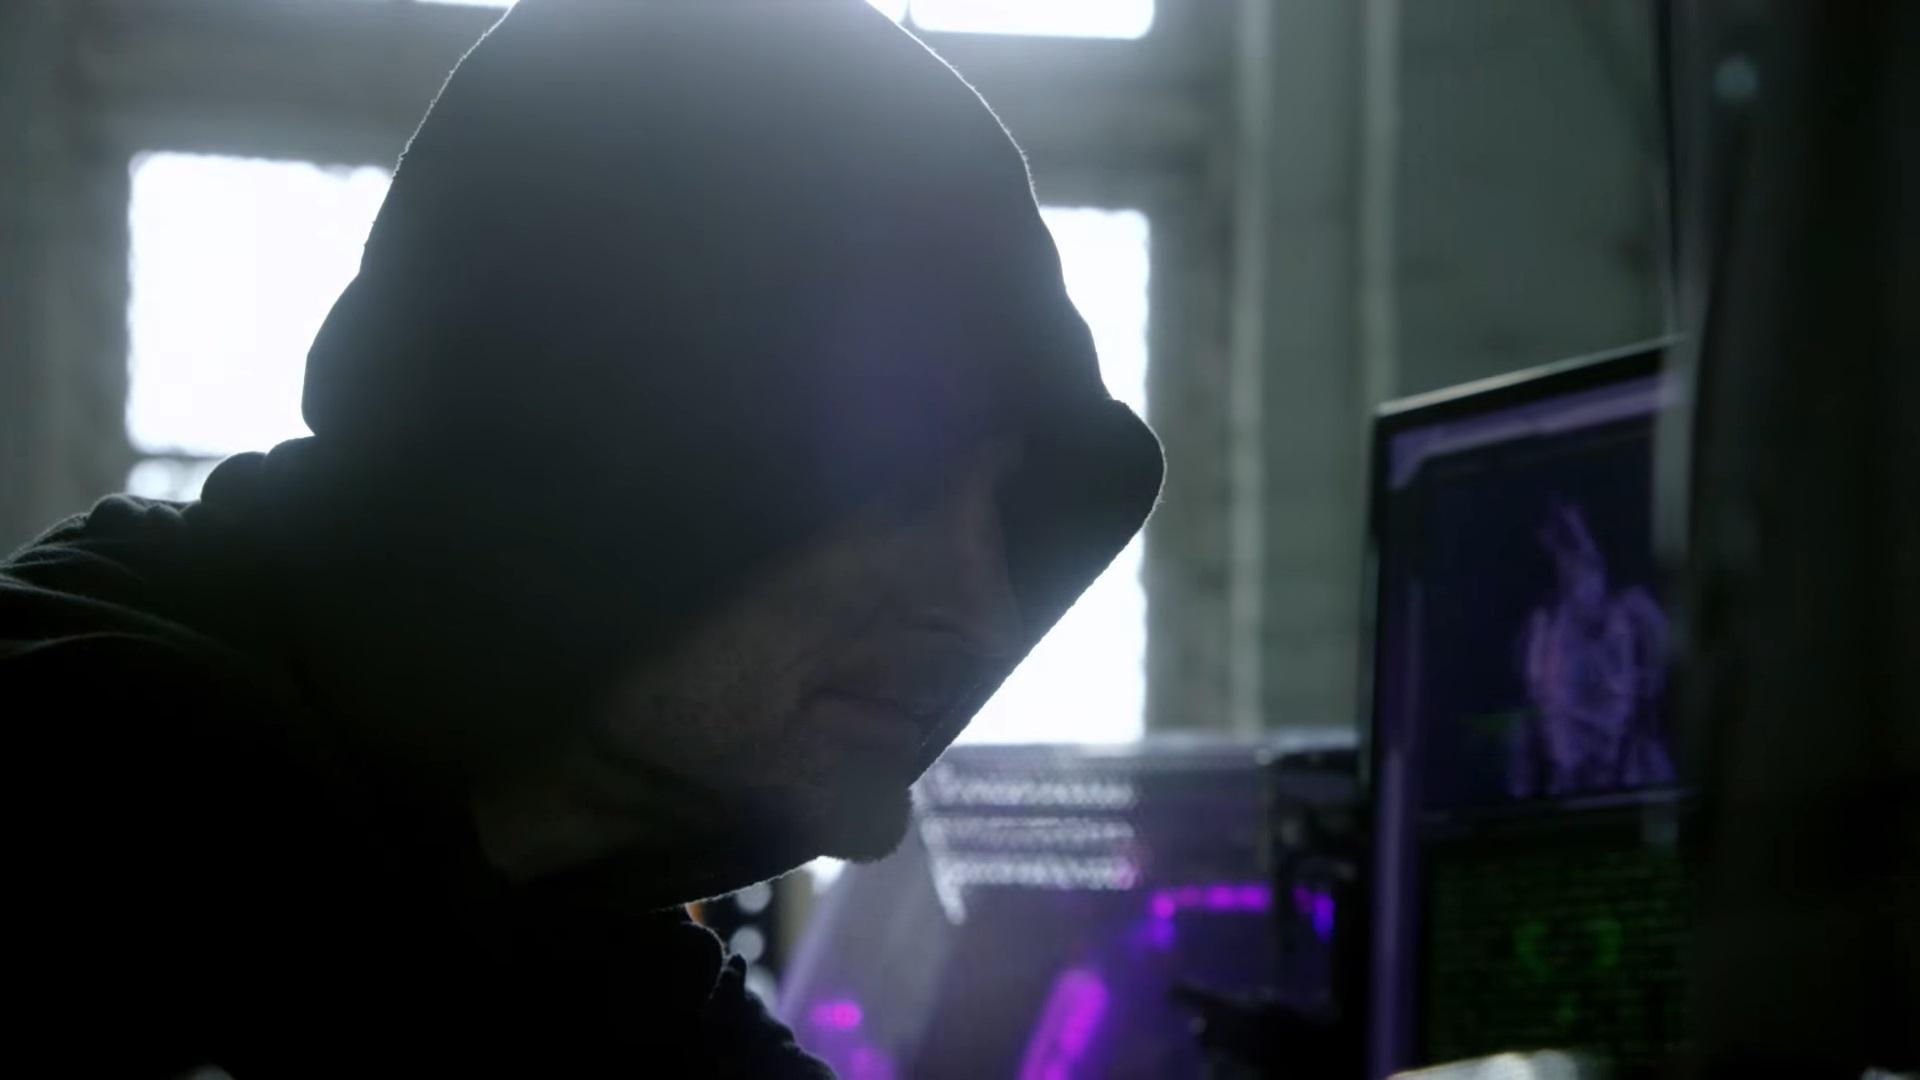 Image tirée de la bande-annonce / Reboot : The Guardian Code